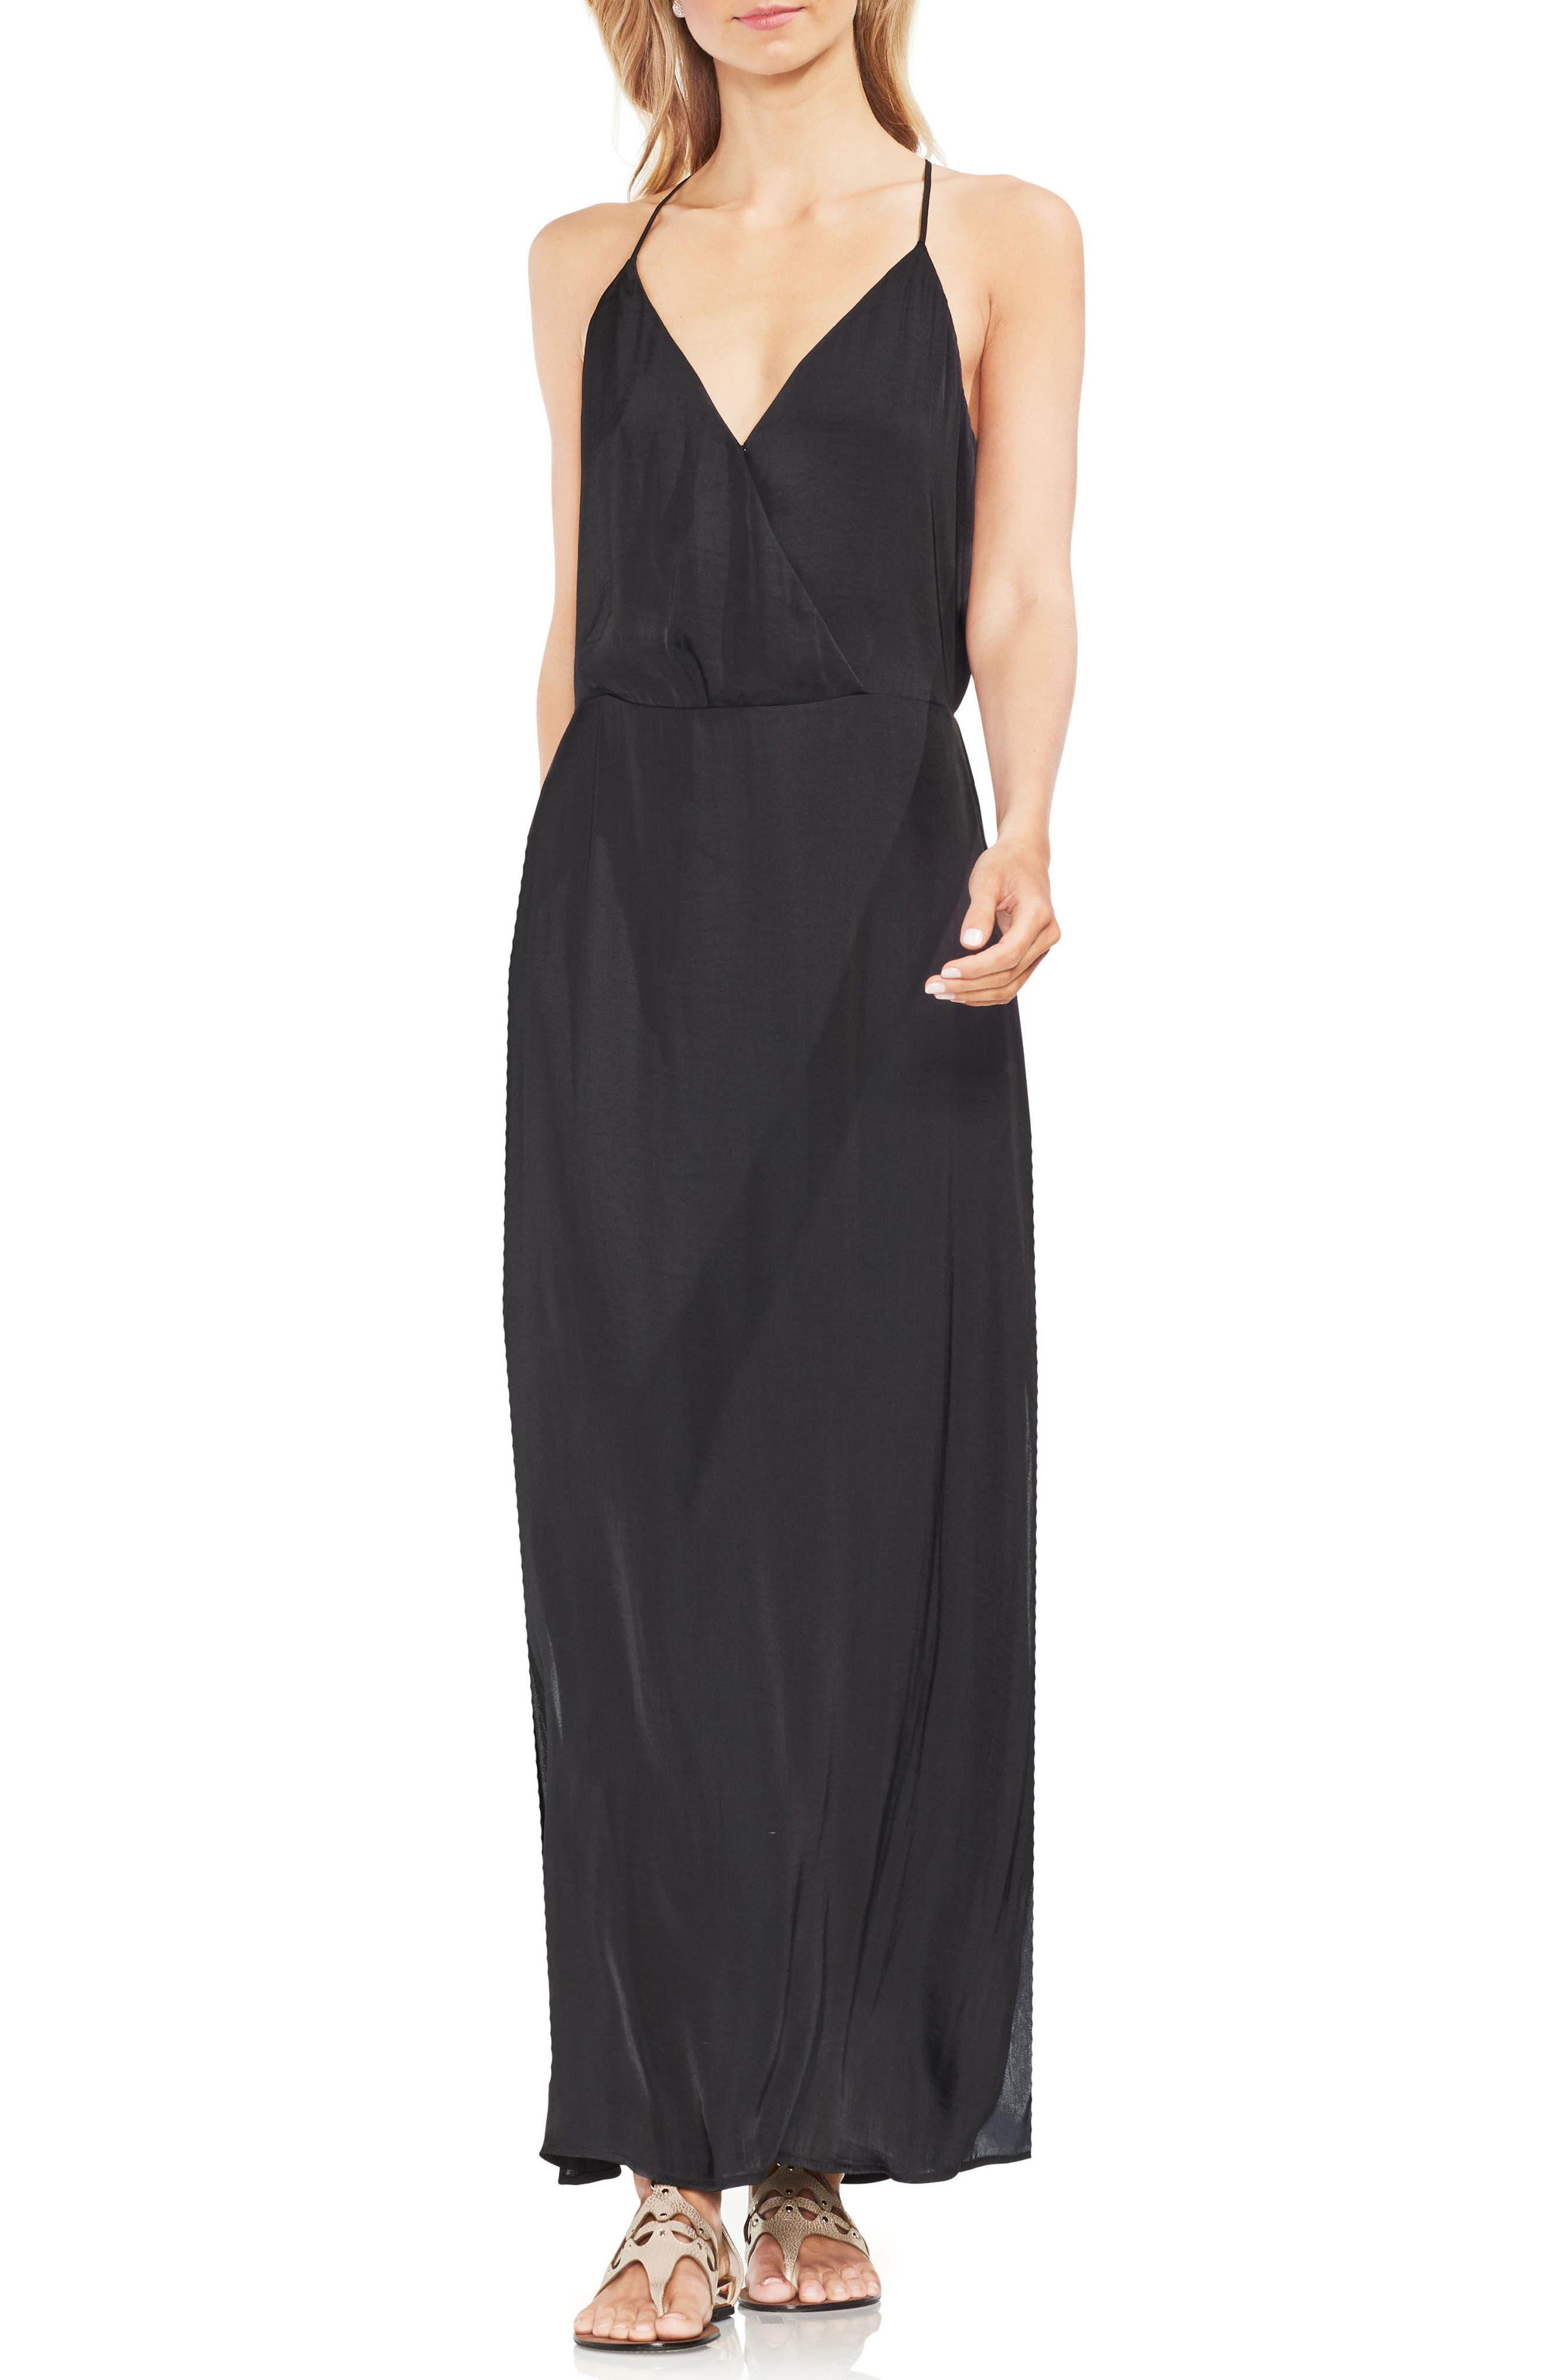 Hammered Satin Wrap Front Maxi Dress,                             Main thumbnail 1, color,                             001